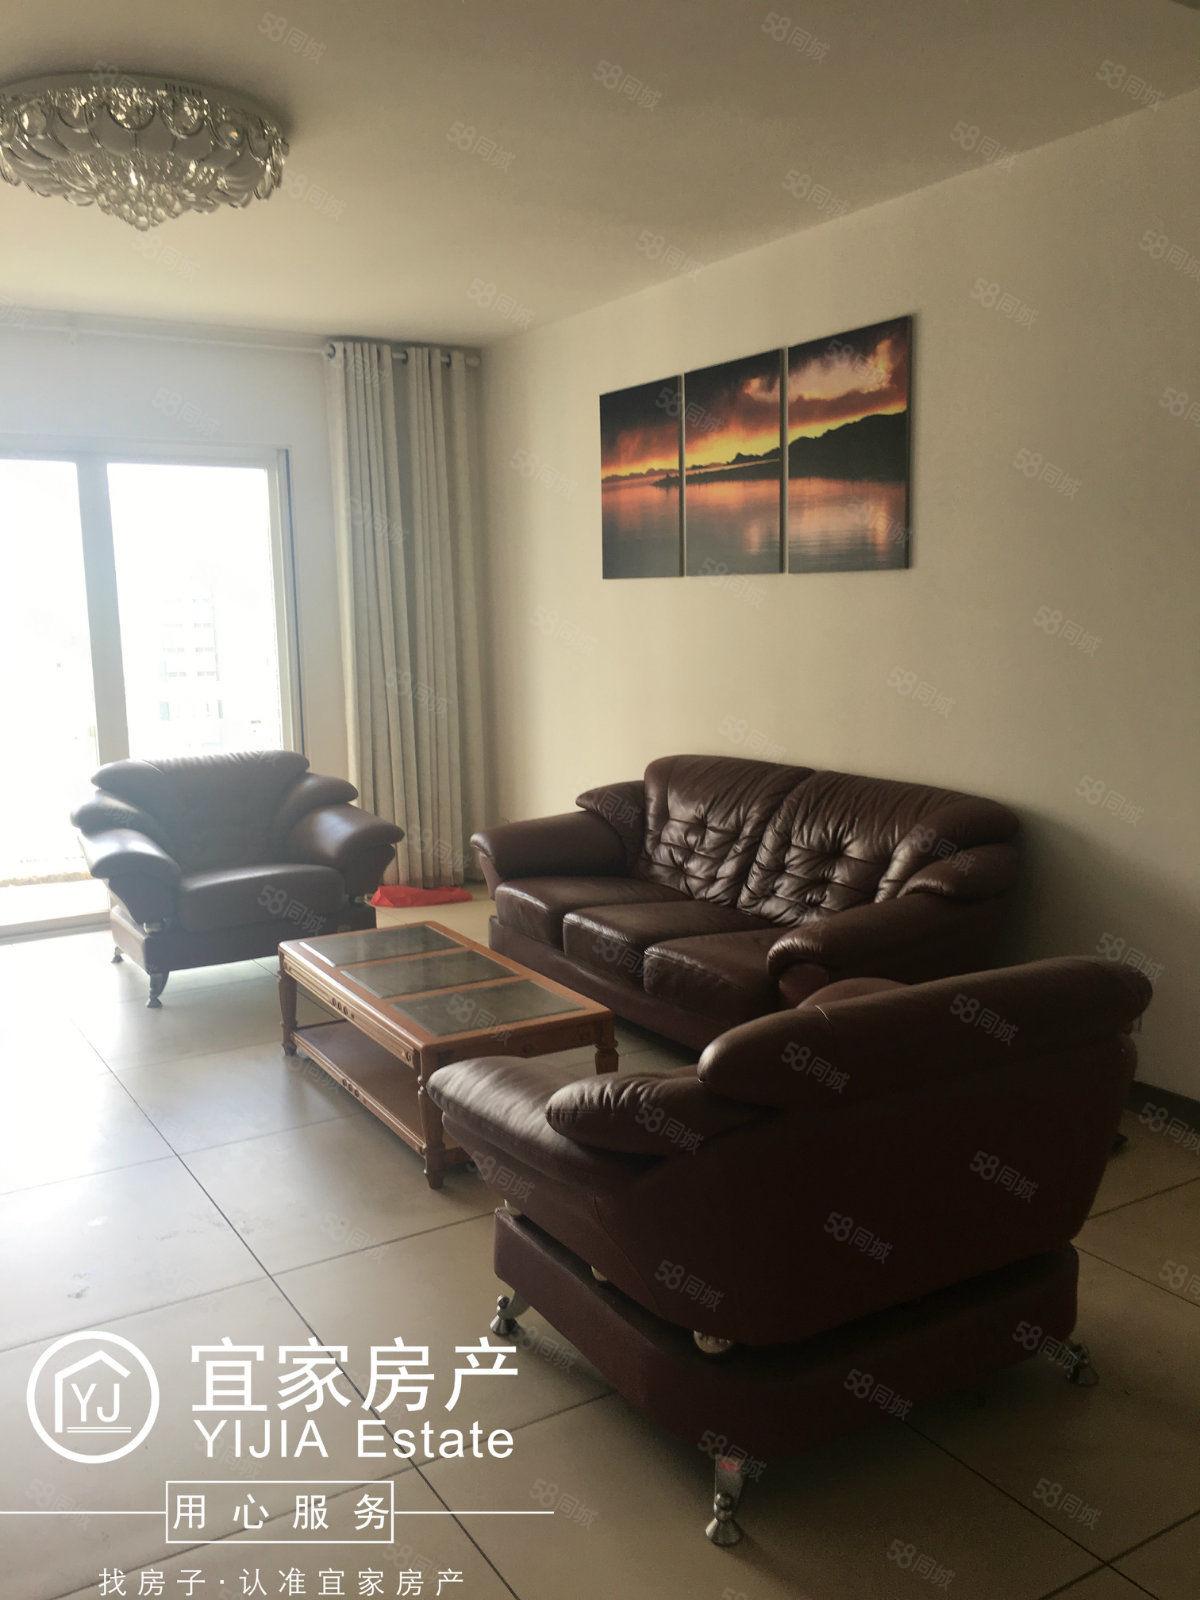 世纪华庭、156平米、3室2厅2卫、精装修、带家具家电和车位